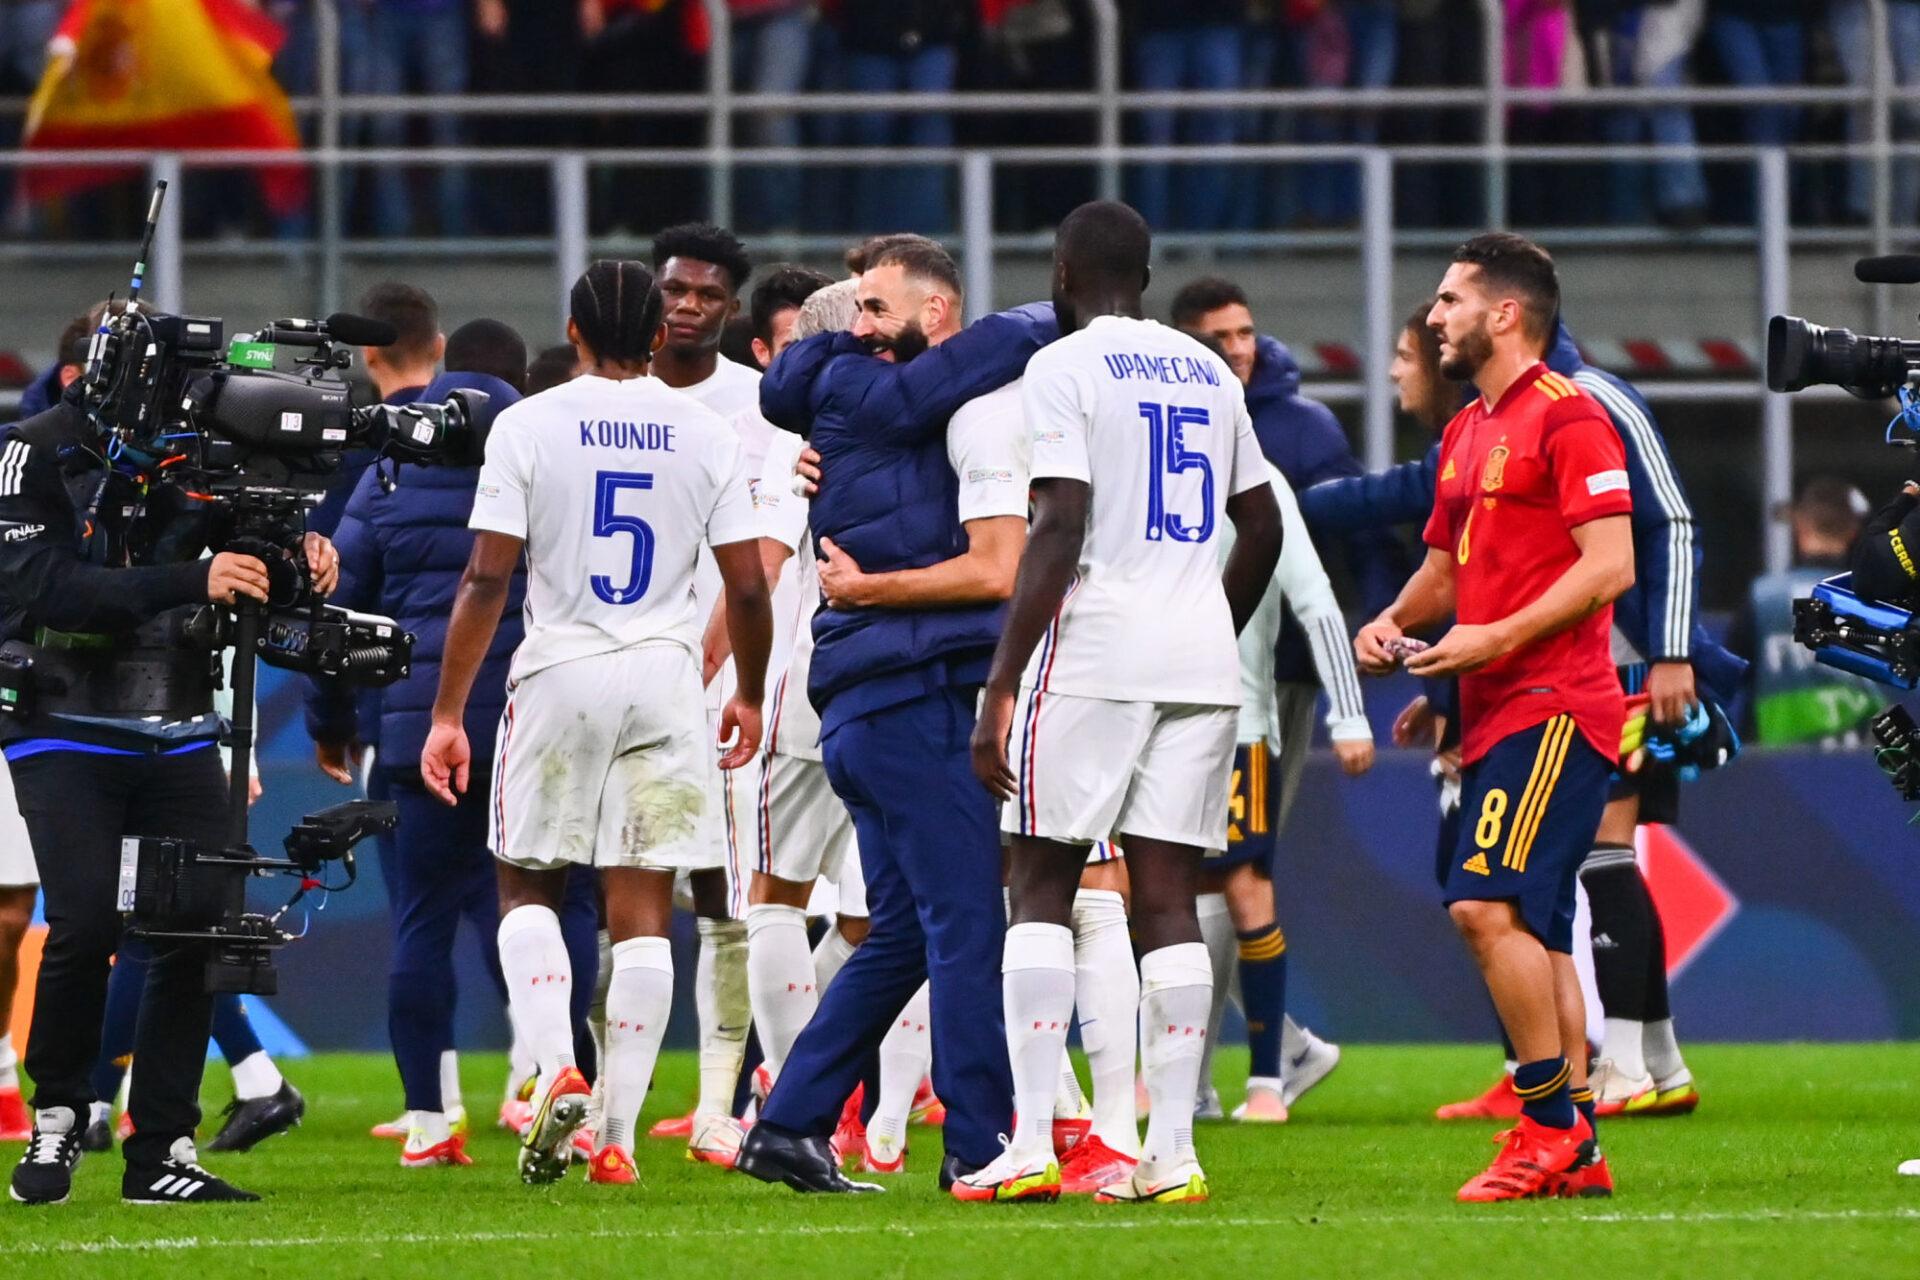 Deschamps est tombé dans les bras de Karim Benzema, qui a remporté son premier titre avec l'équipe de France. Icon Sport